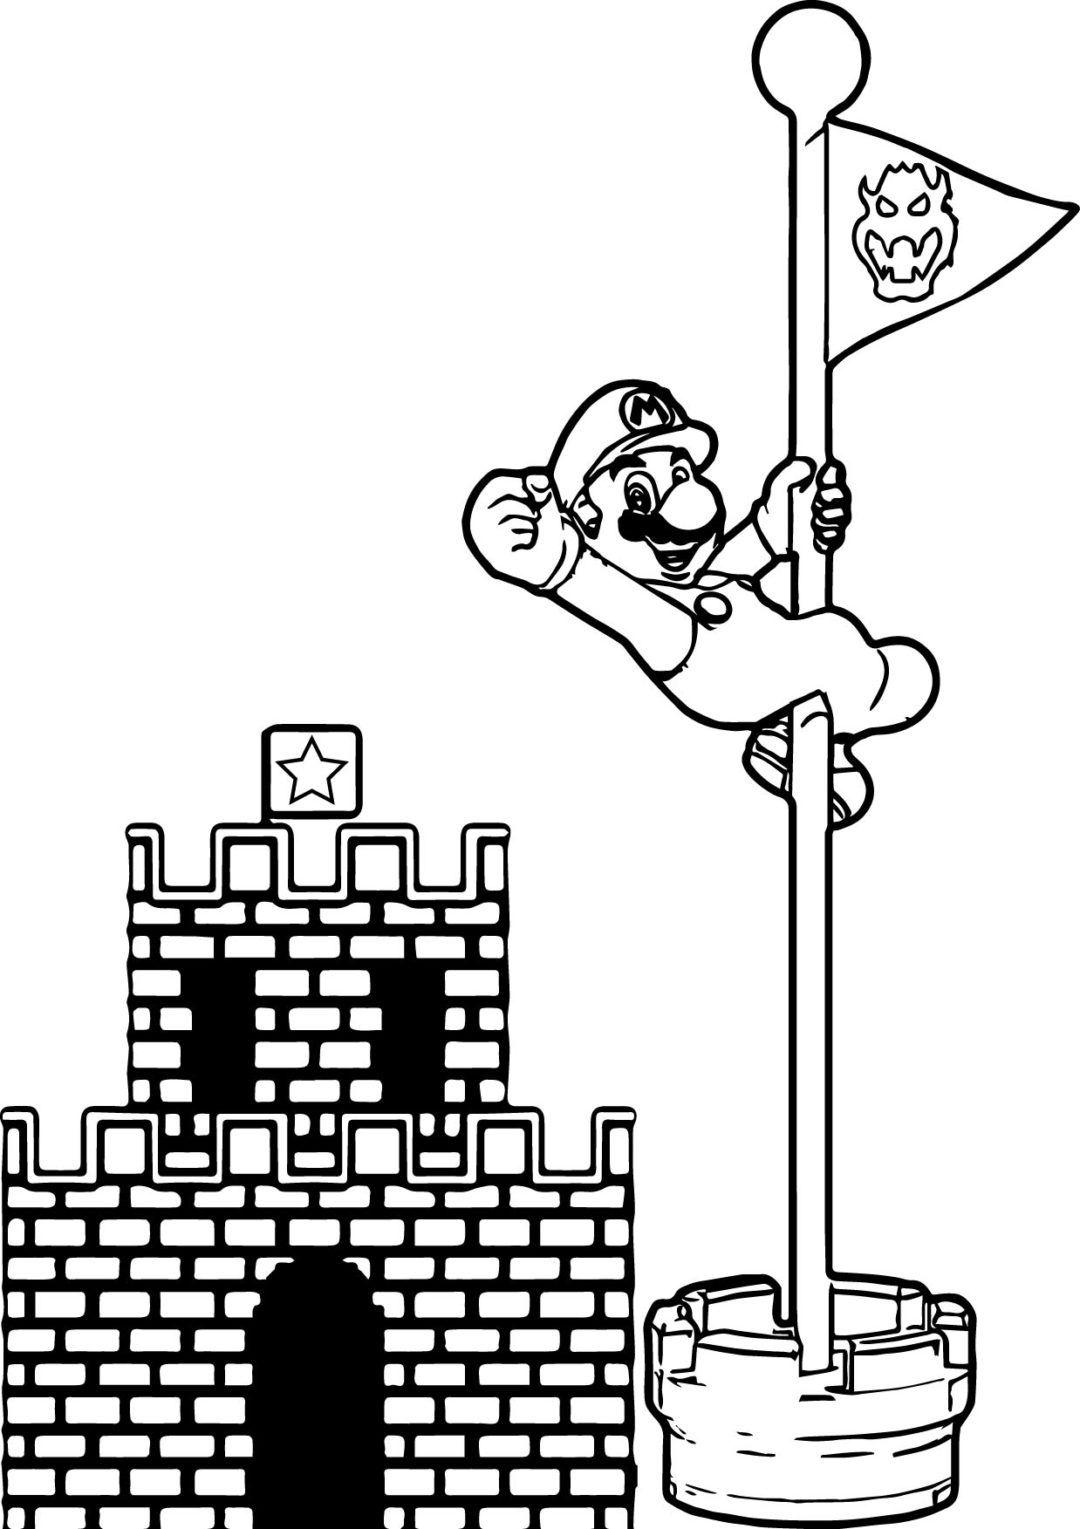 Mario Coloring Pages | Super mario coloring pages, Mario ...